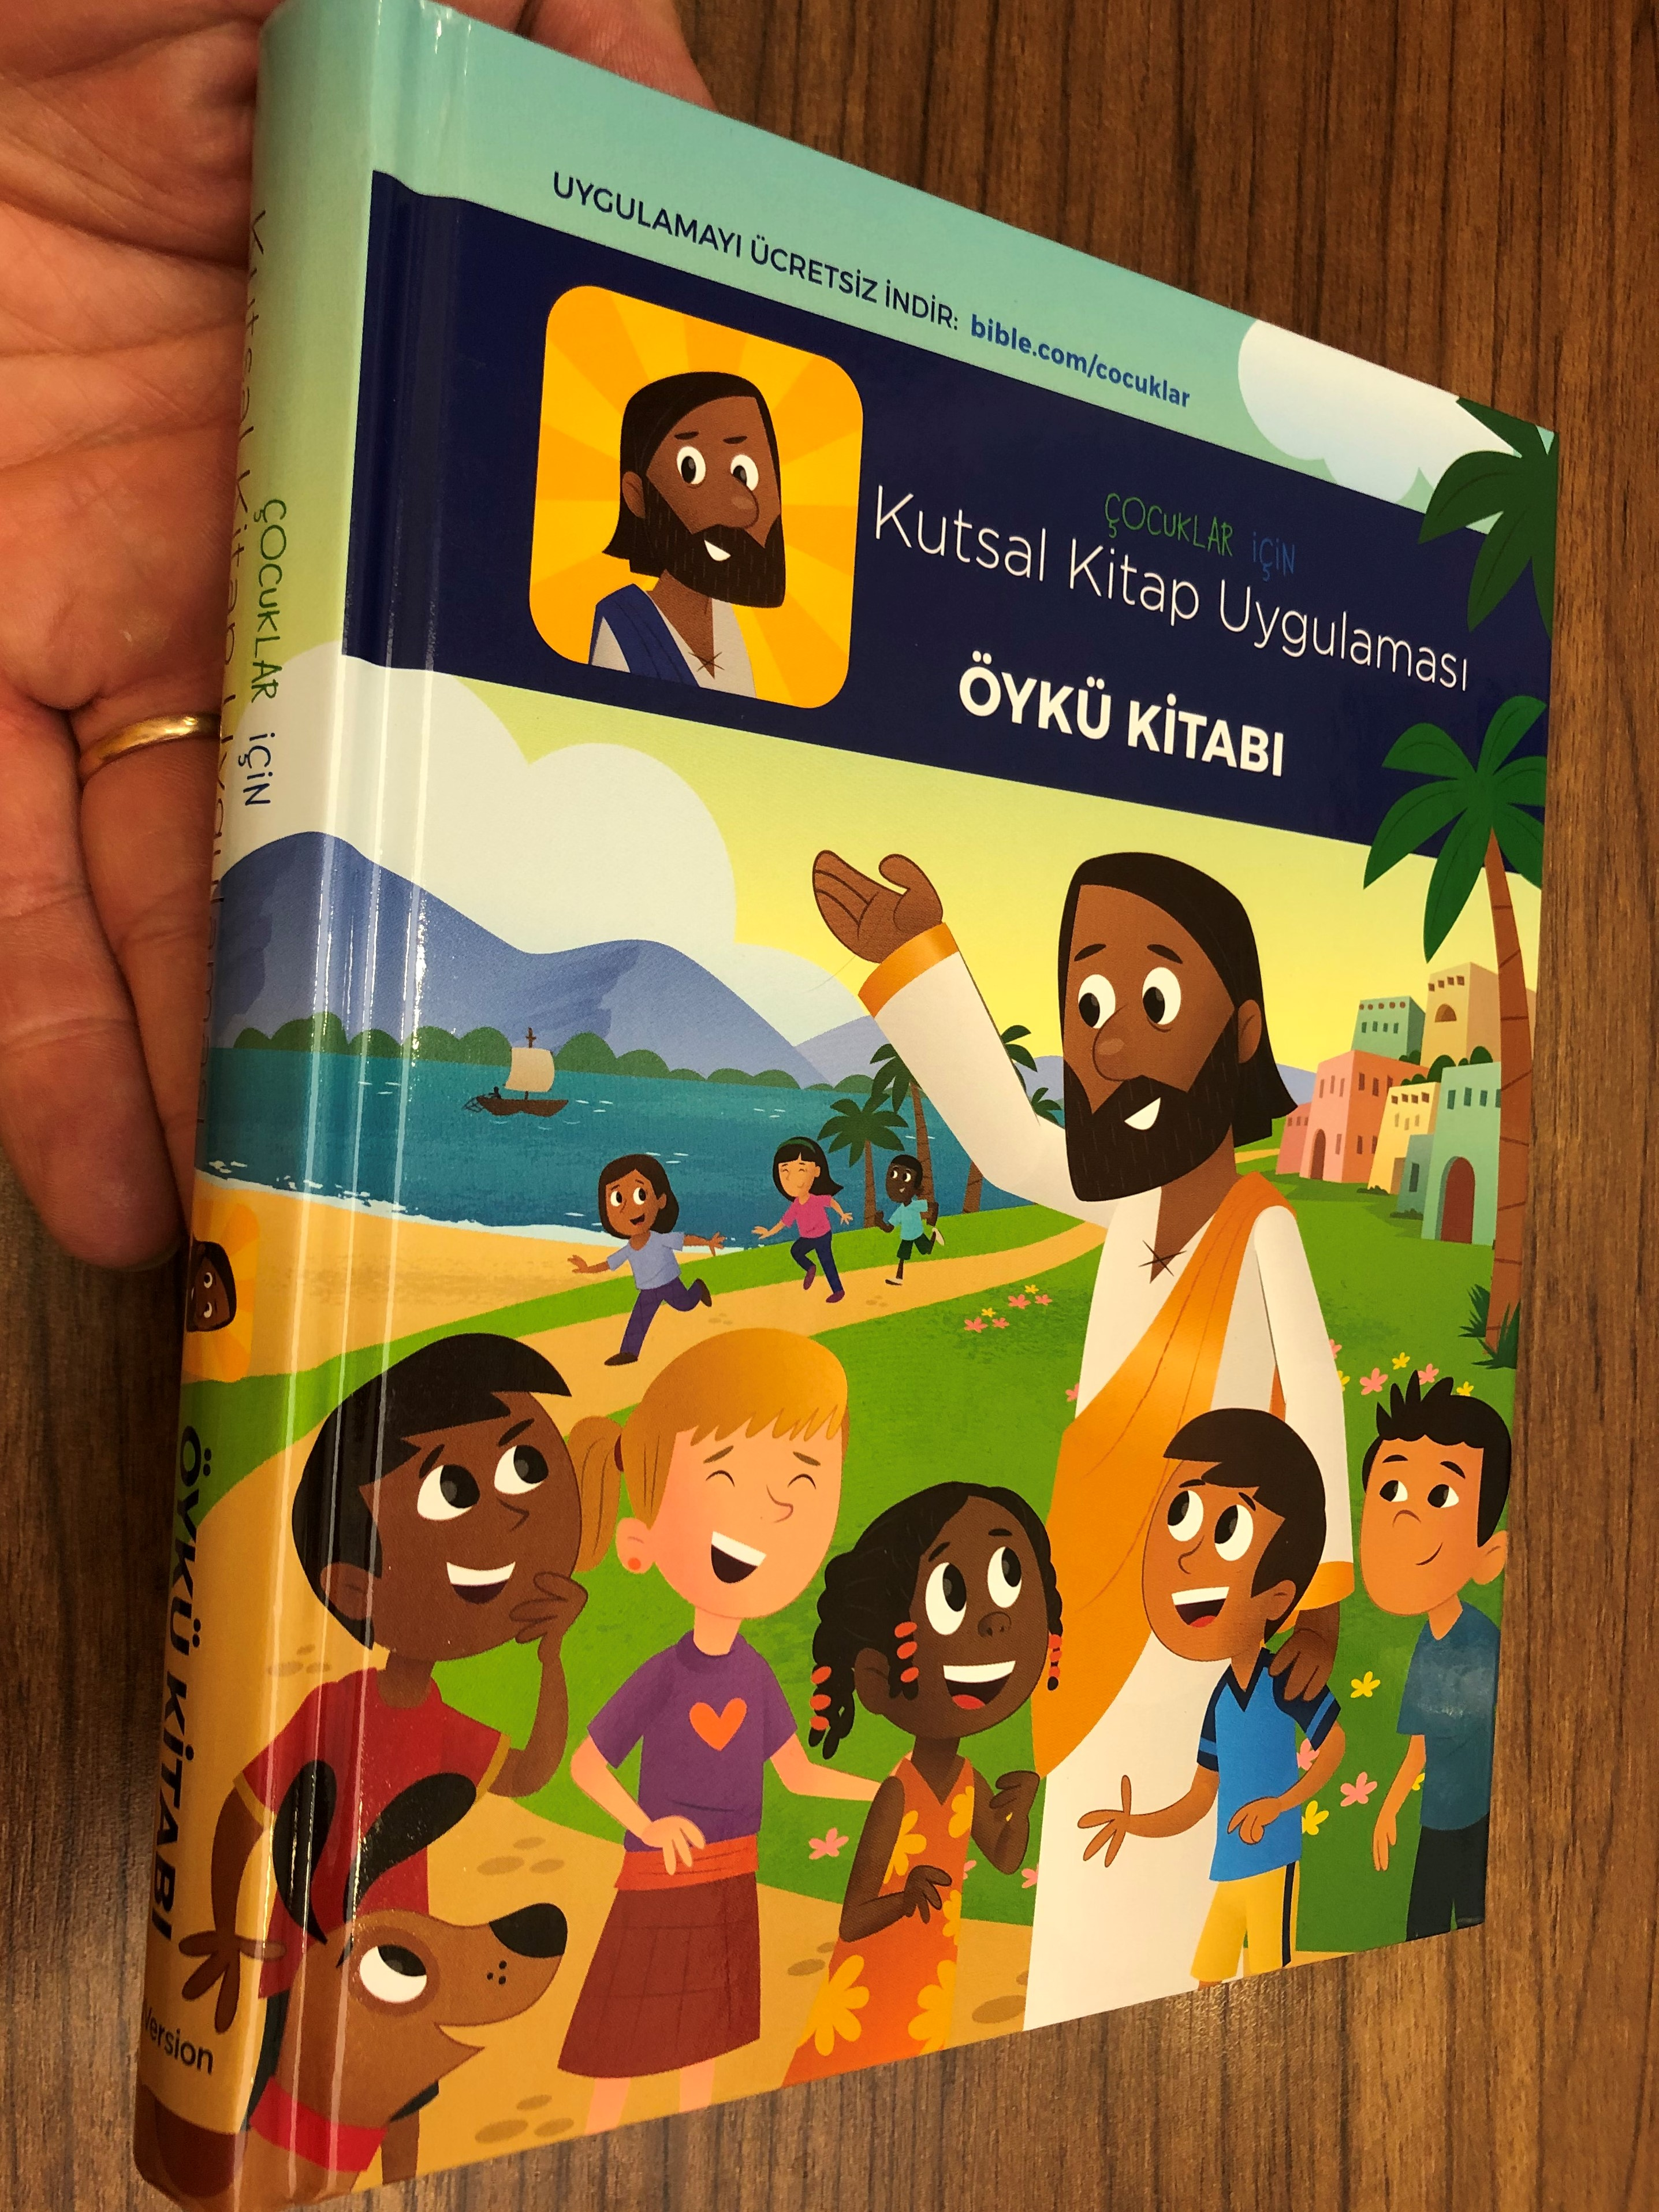 storybook-bible-in-turkish-language-ocuklar-i-in-kutsal-kitap-uygulamas-yk-kitab-youversion-hardcover-1-.jpg